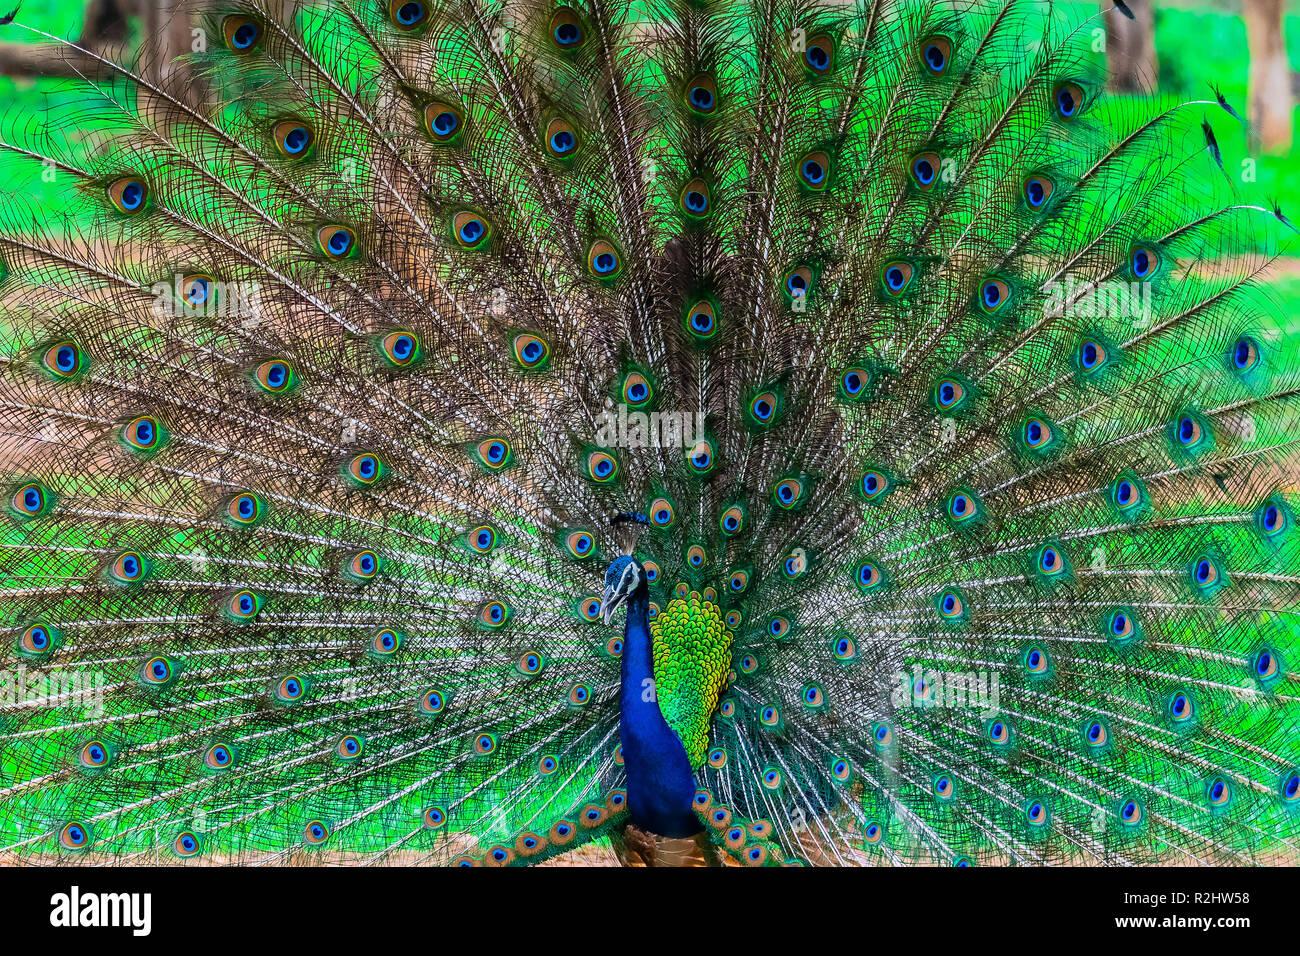 Peacock indien, oiseau national de l'Inde Banque D'Images